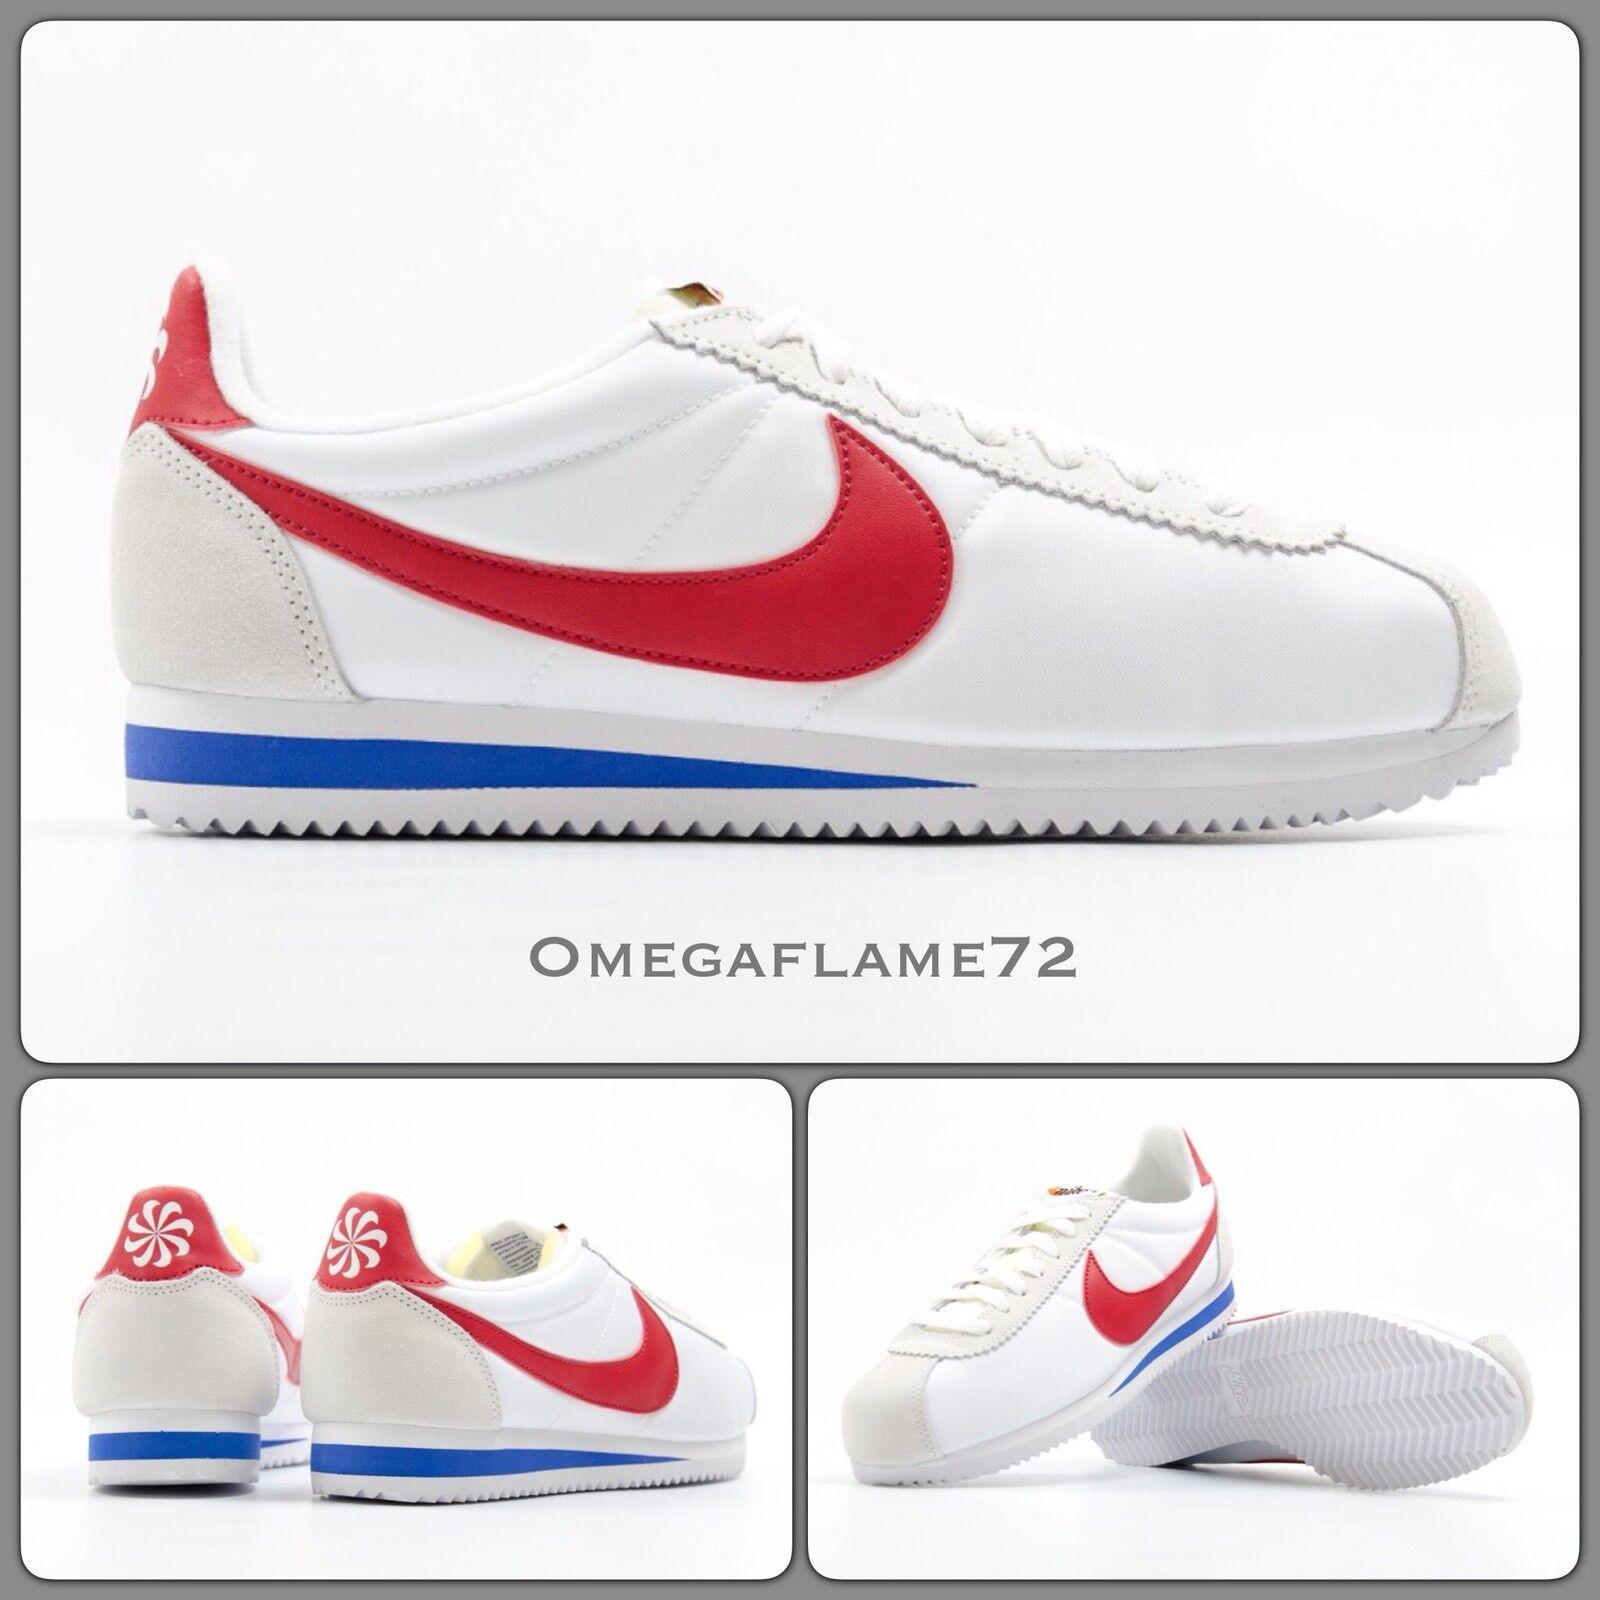 Nike cortez og qs, bianco - rosso - forrest gump 847709-164 6